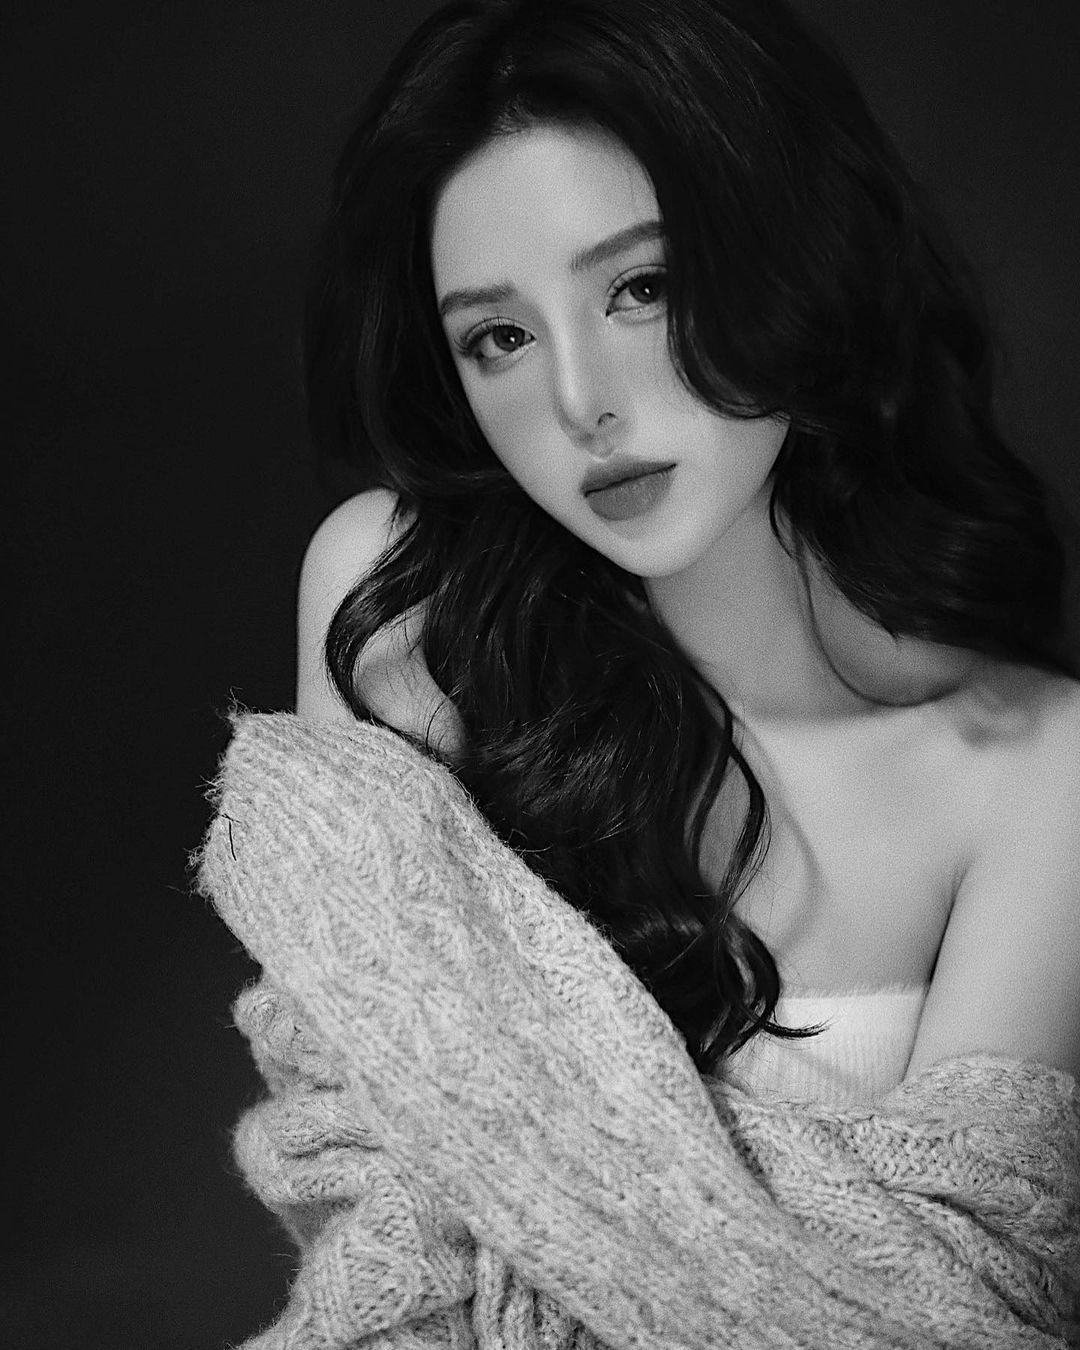 越南版范冰冰.「BaoBei」身材火辣超敢穿,透肤蕾丝秀「白嫩+小蛮腰」.